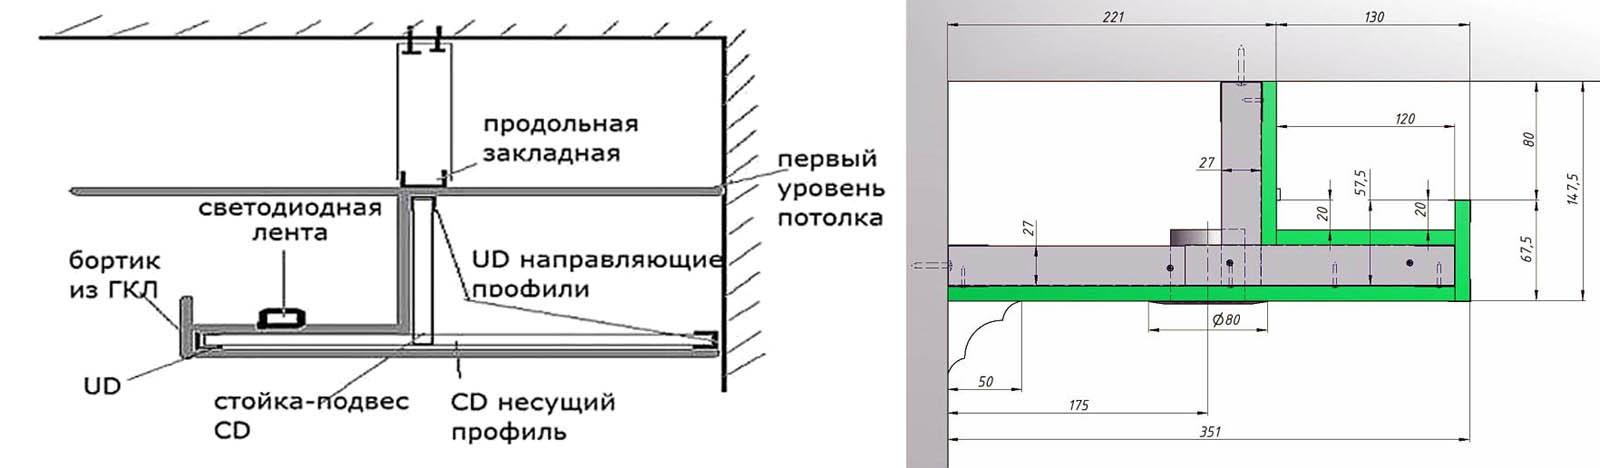 Схема устройства и чертежи подсветочной ступени (уровня) гипсокартонного короба на потолок